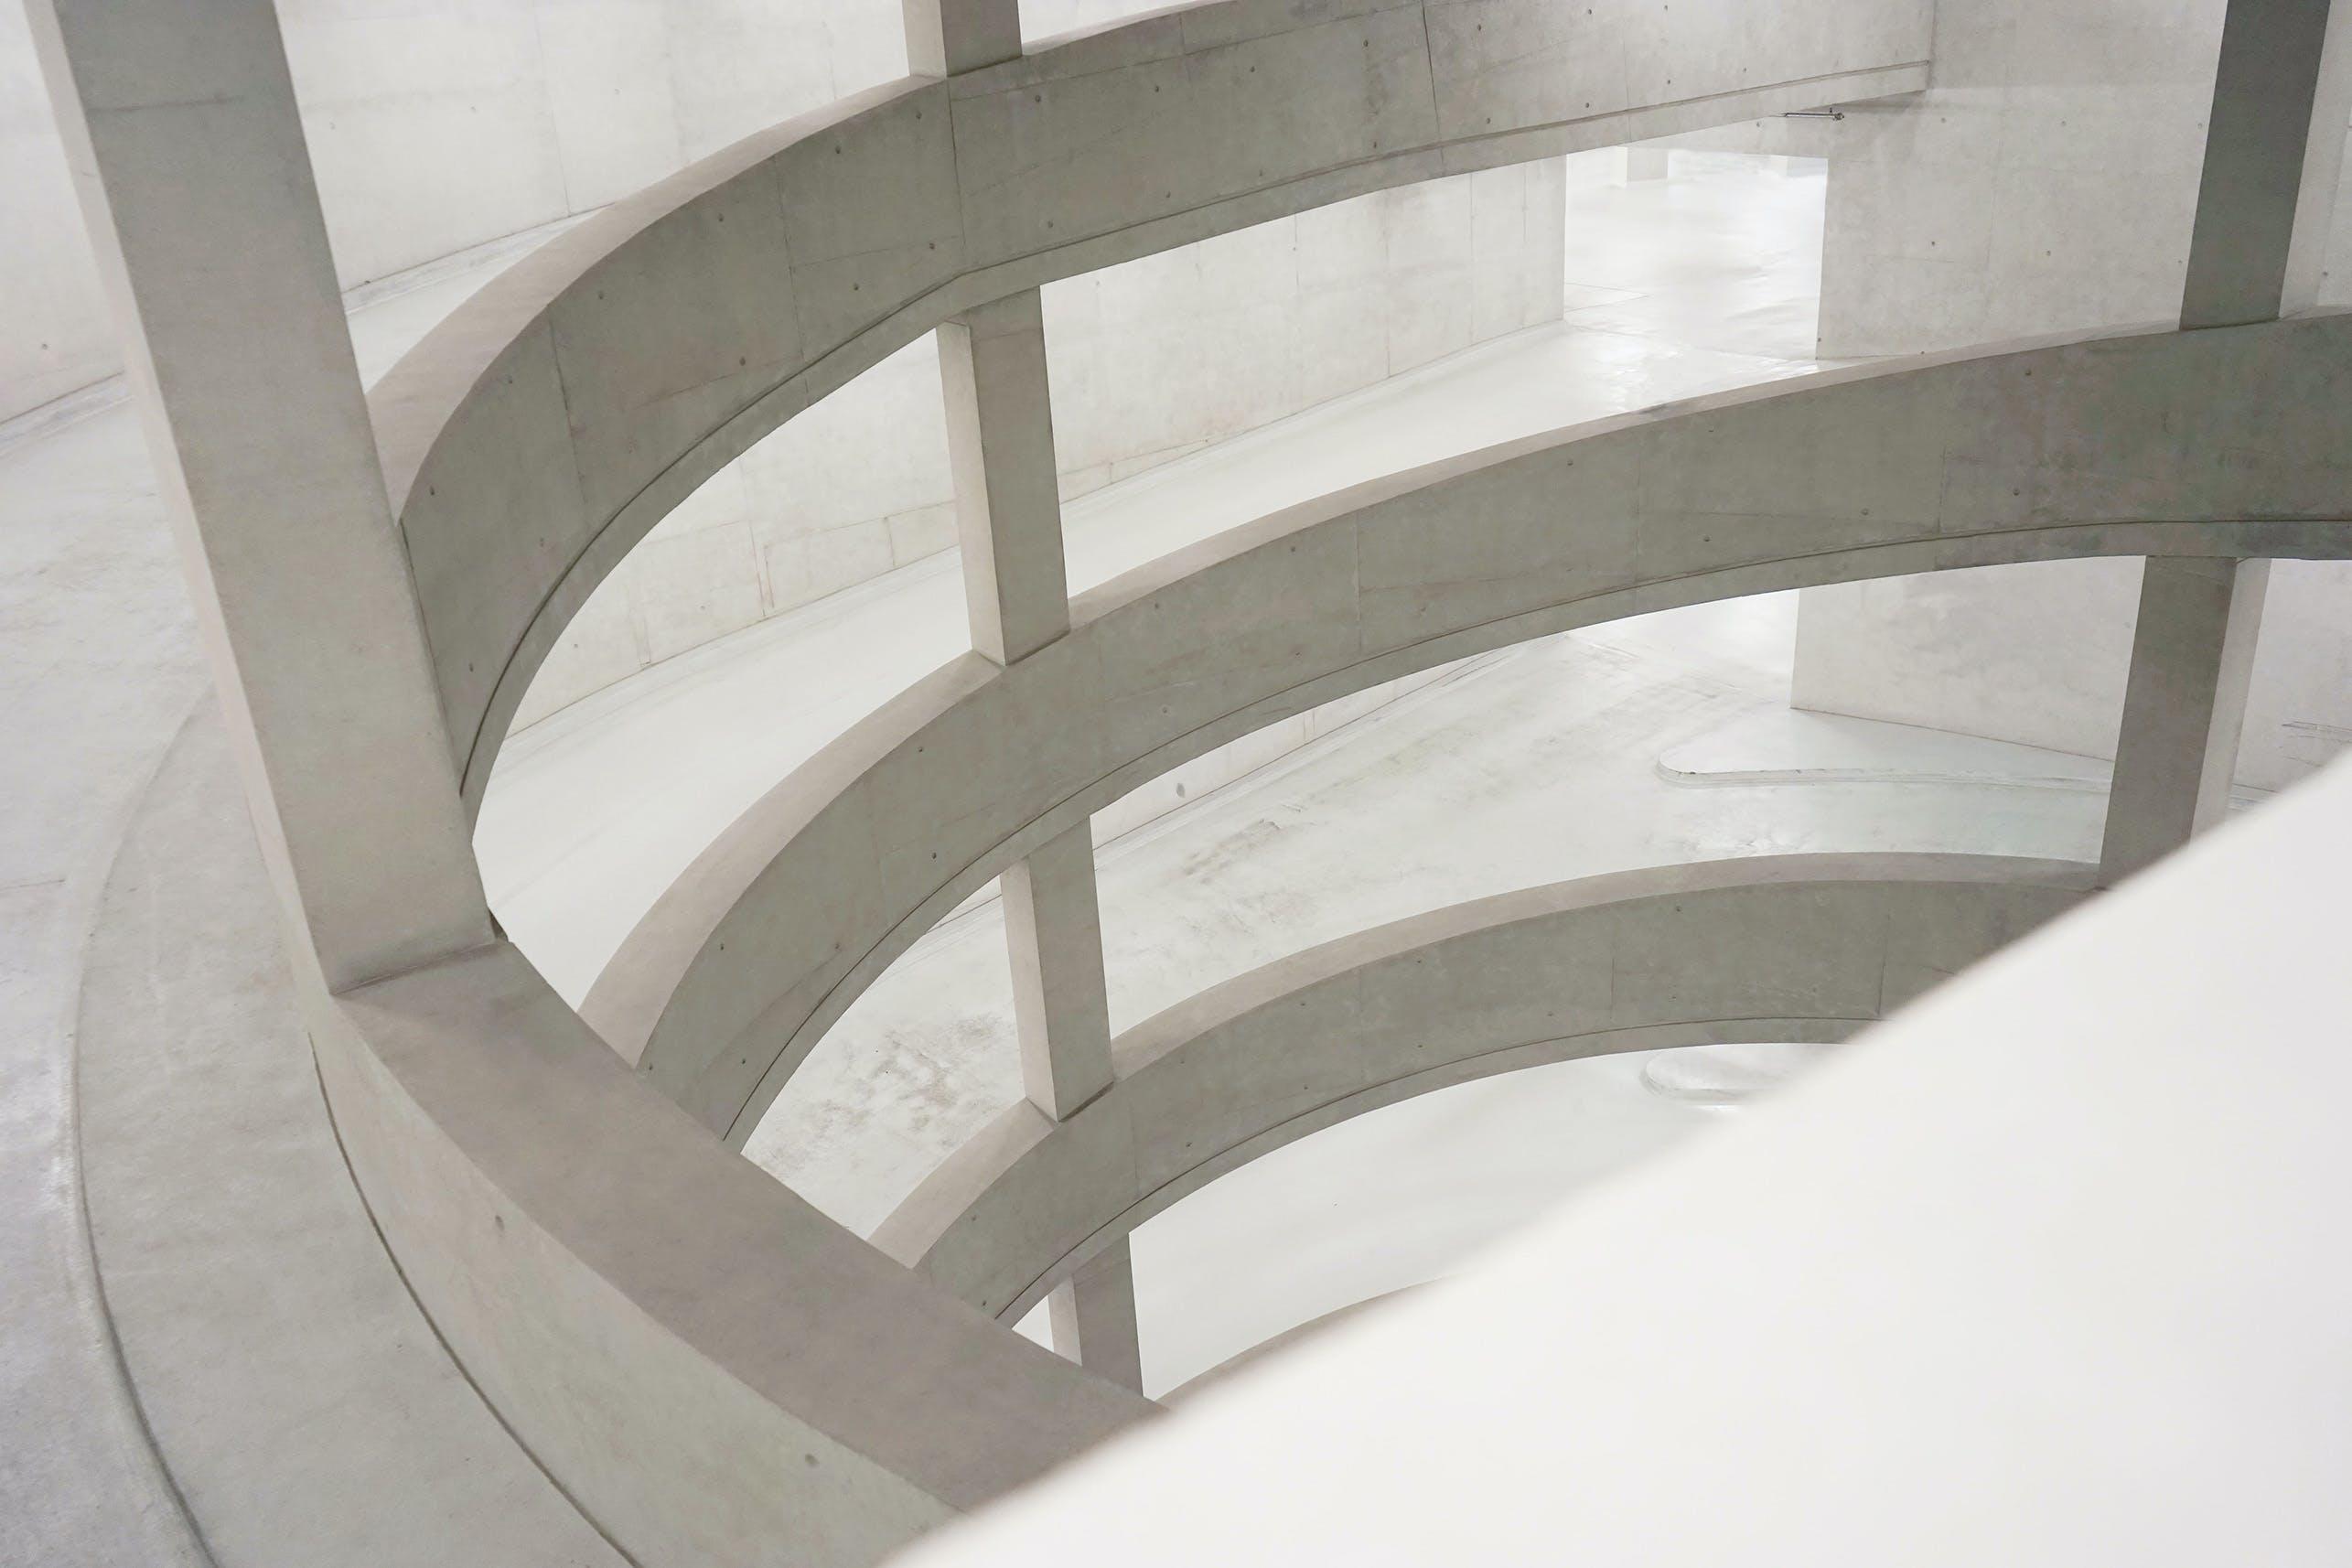 architektur, architekturdesign, design